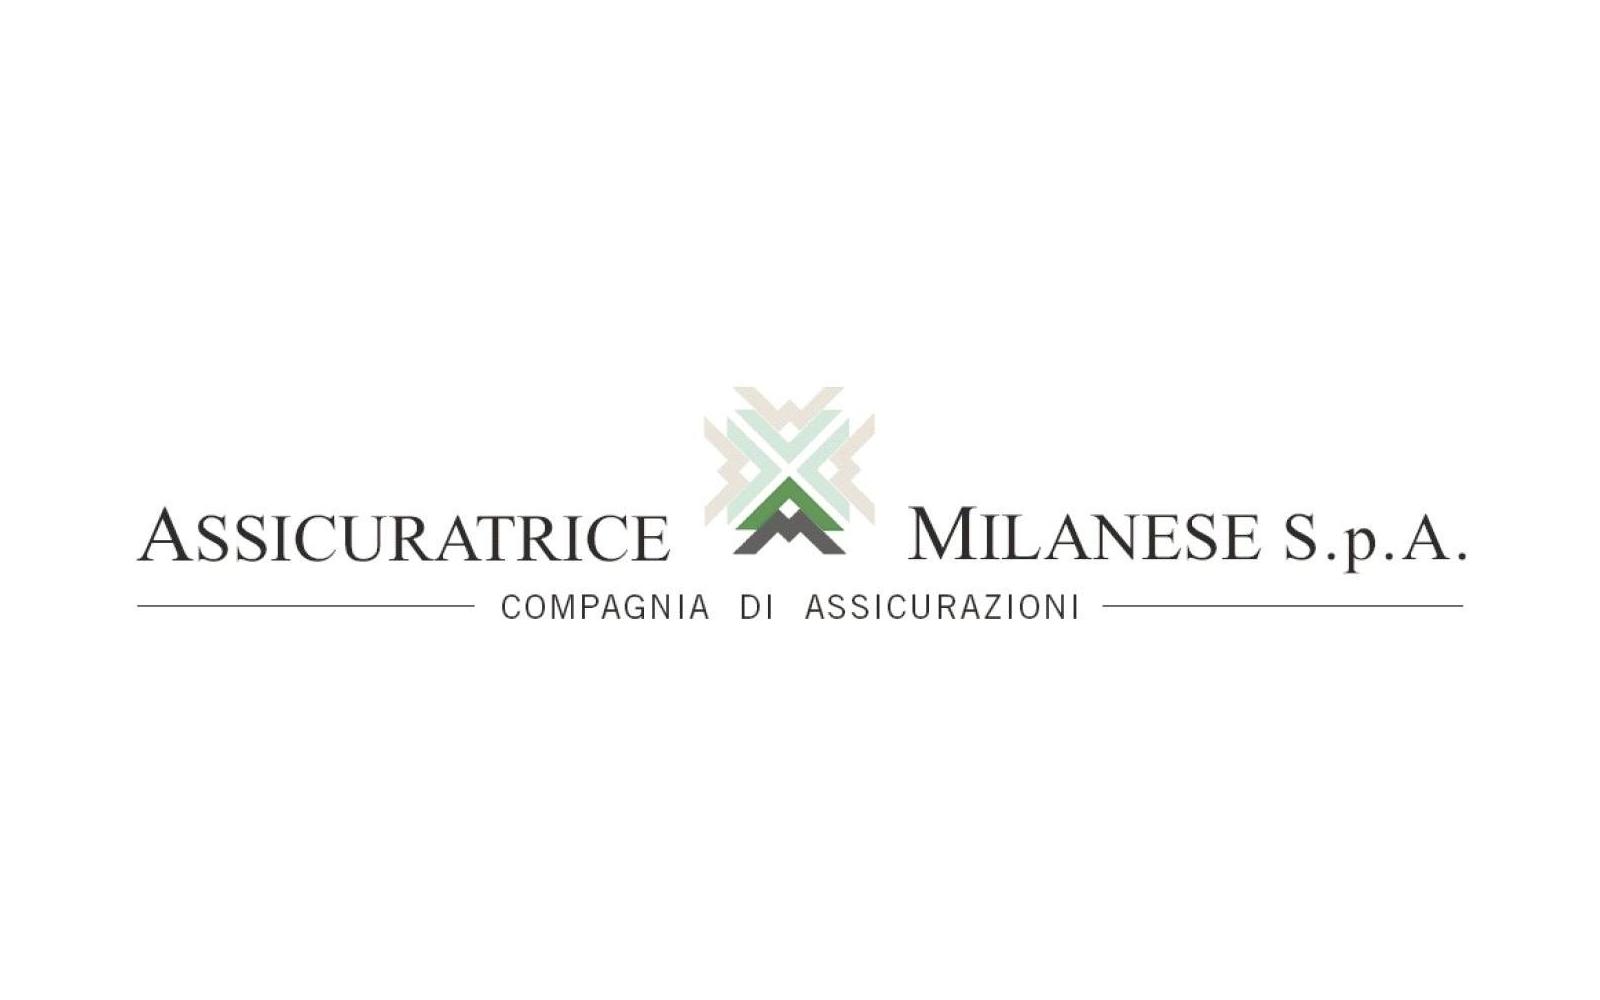 Assicuratrice Milanese autorizzata ad operare nel ramo Cauzioni